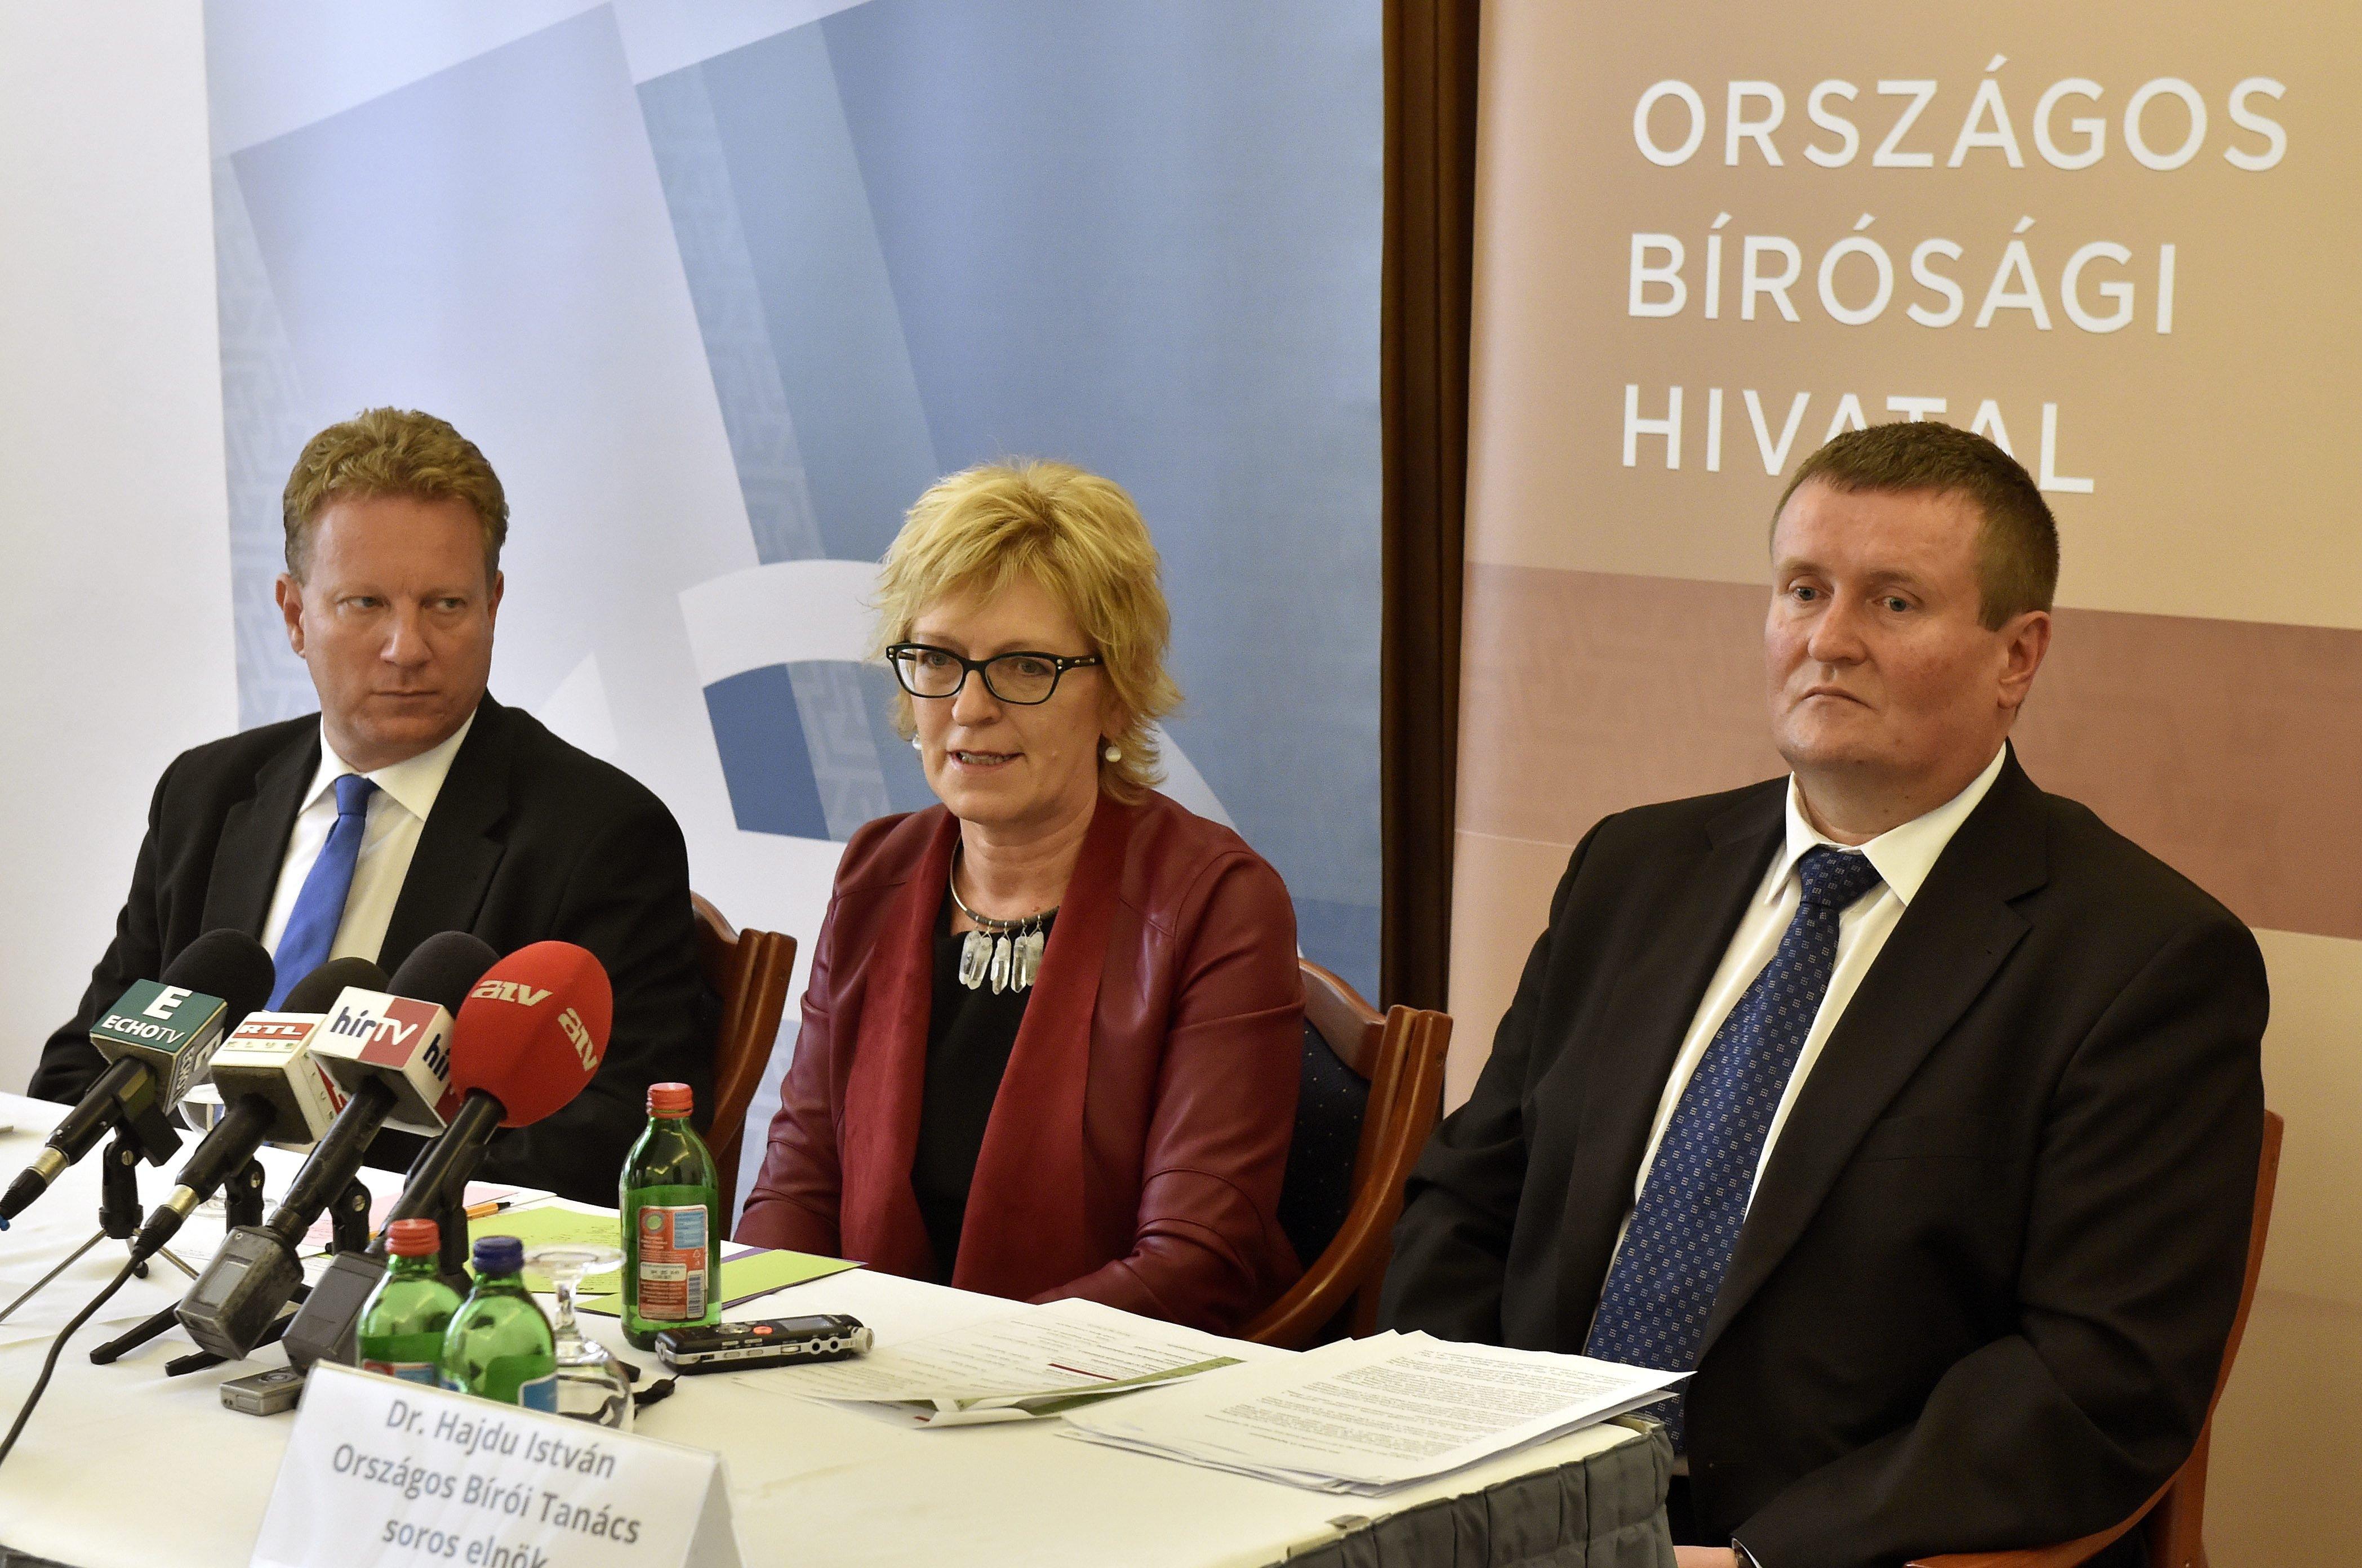 Folytatja a főbírák feljelentgetését a Magyar Idők